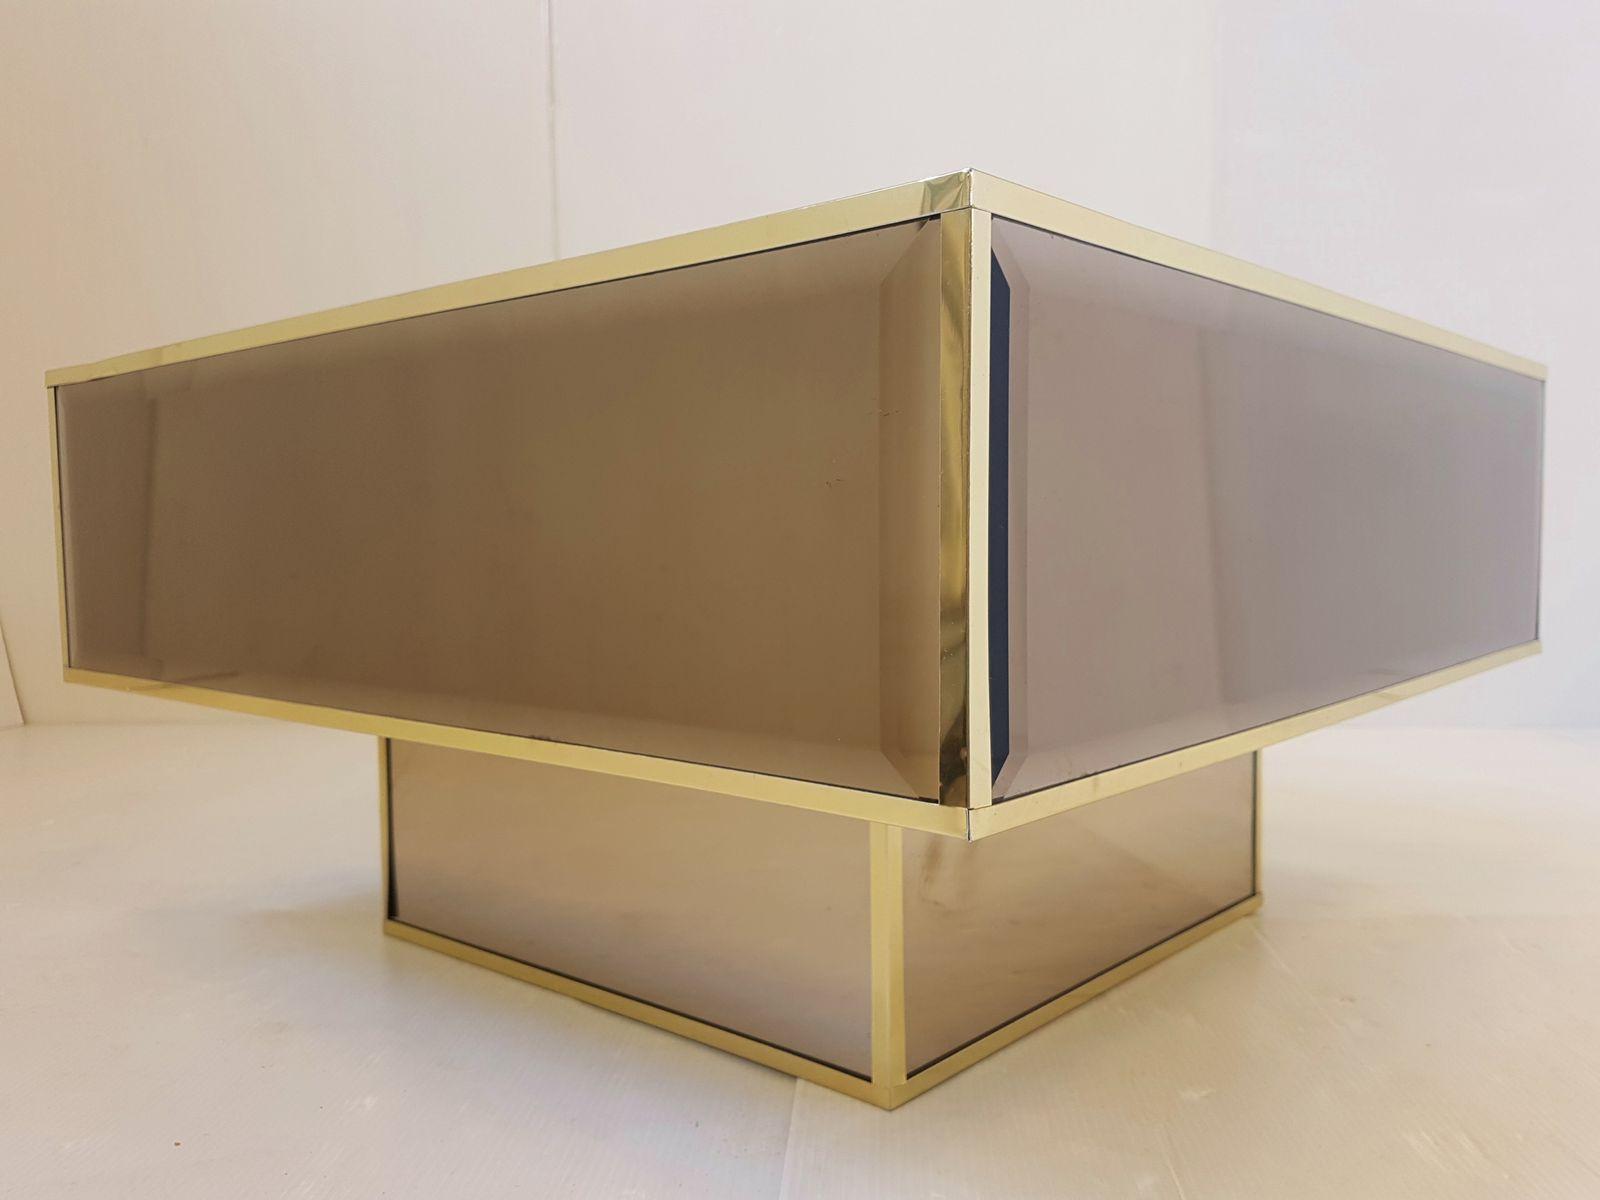 table basse miroir en verre de roche bobois france 1970s en vente sur pamono. Black Bedroom Furniture Sets. Home Design Ideas